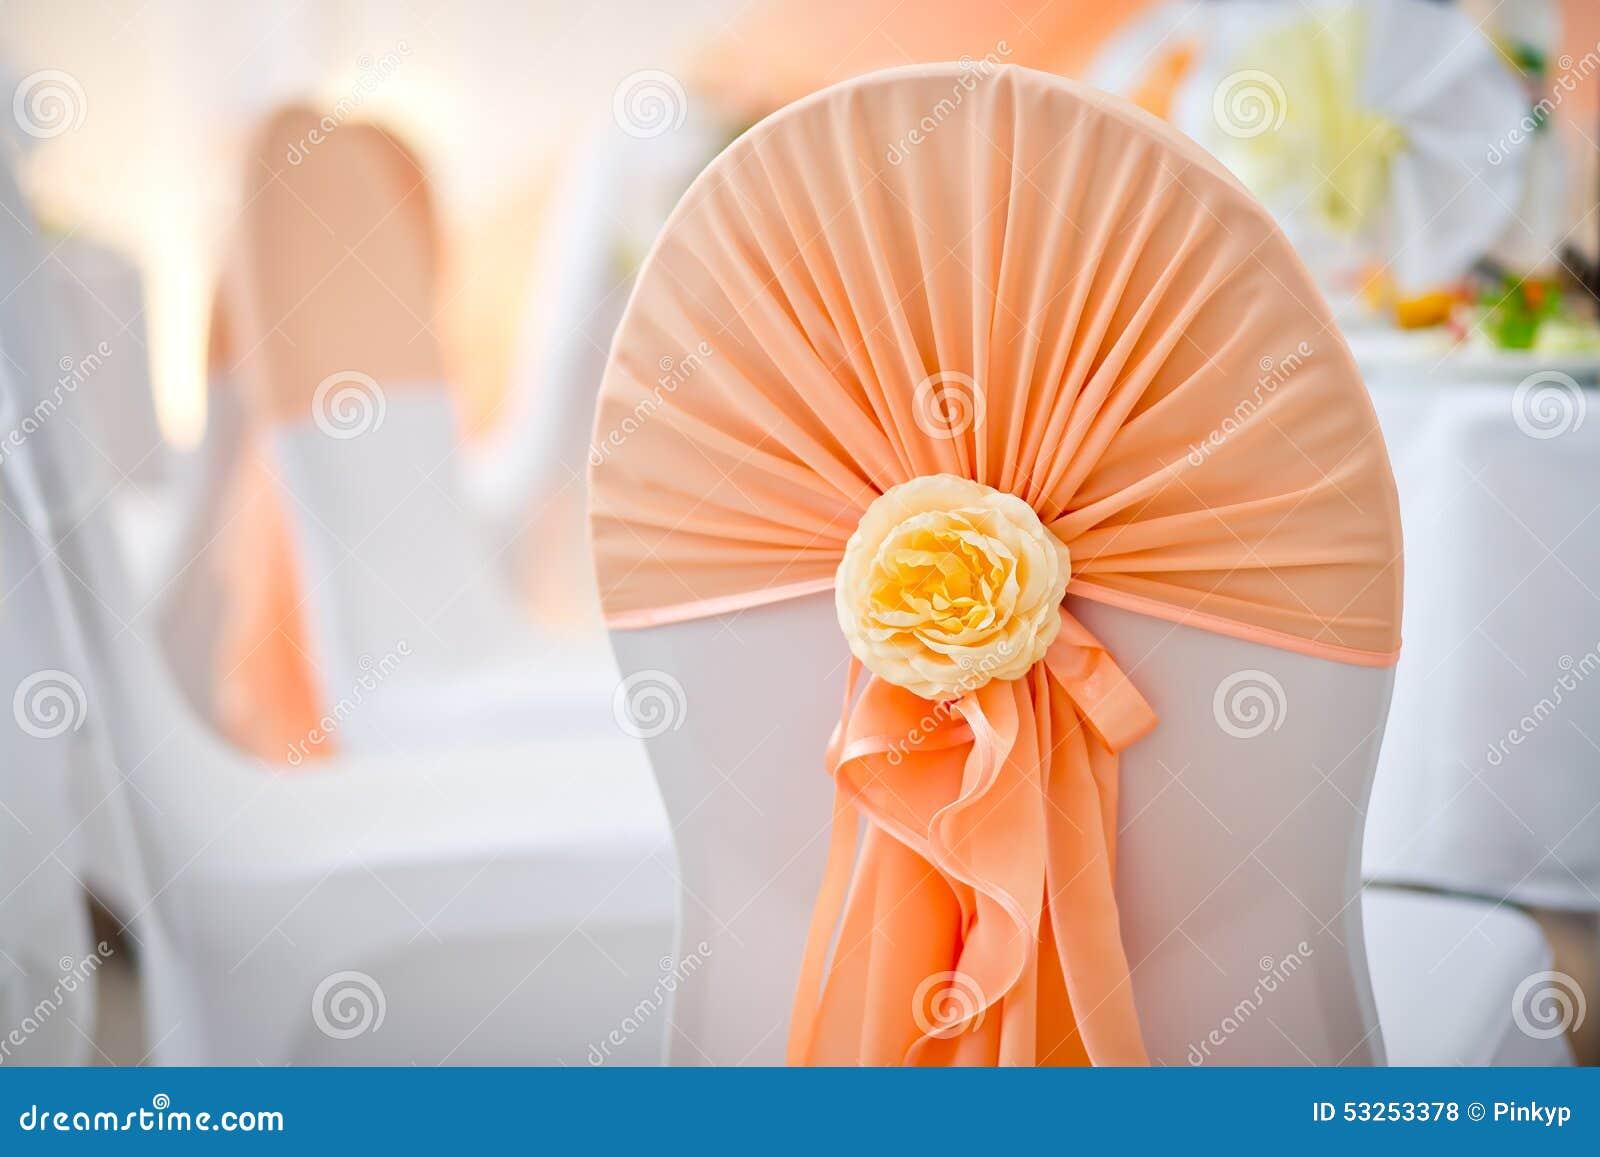 Διακόσμηση μιας καρέκλας σε ένα γαμήλιο συμπόσιο στο εστιατόριο